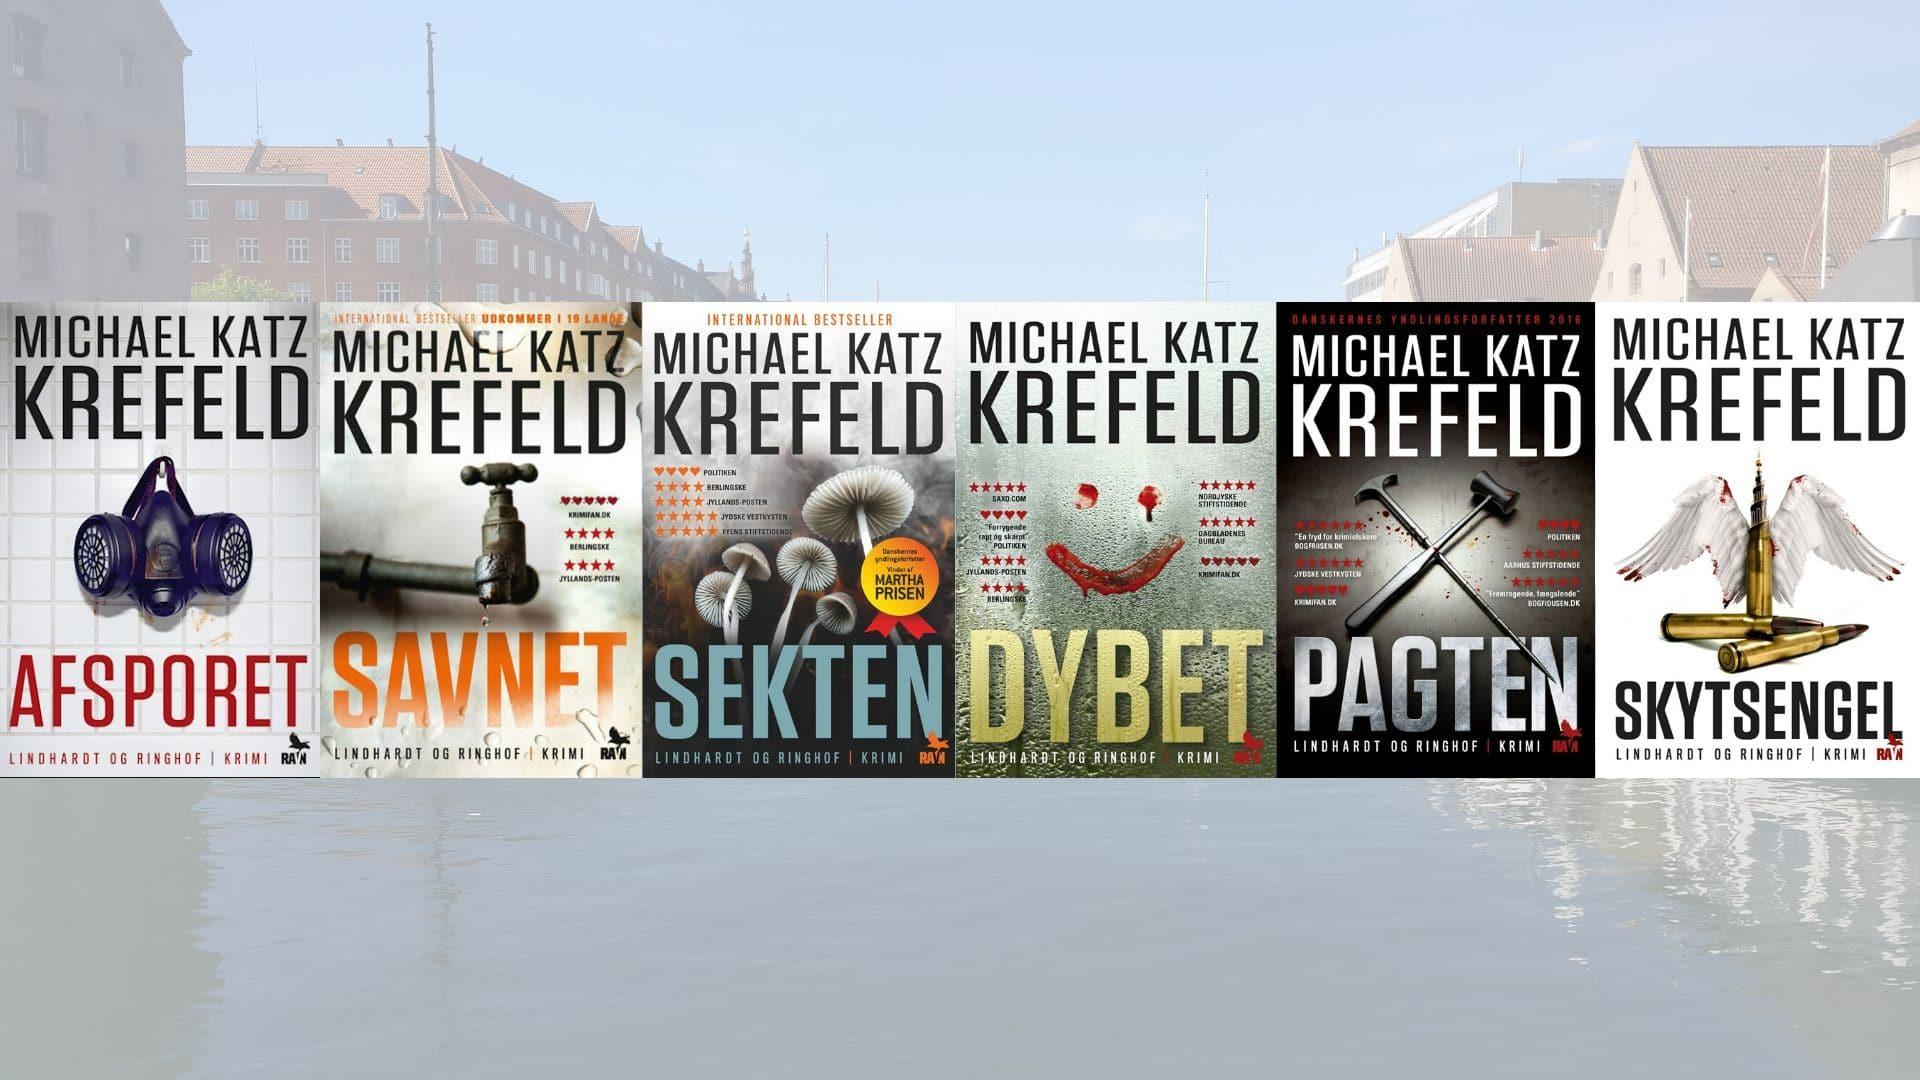 Michael Katz Krefeld, krimi, Ravn serien, dybet, afsporet, savnet, sekten, pagten, skytsengel, krimiserie